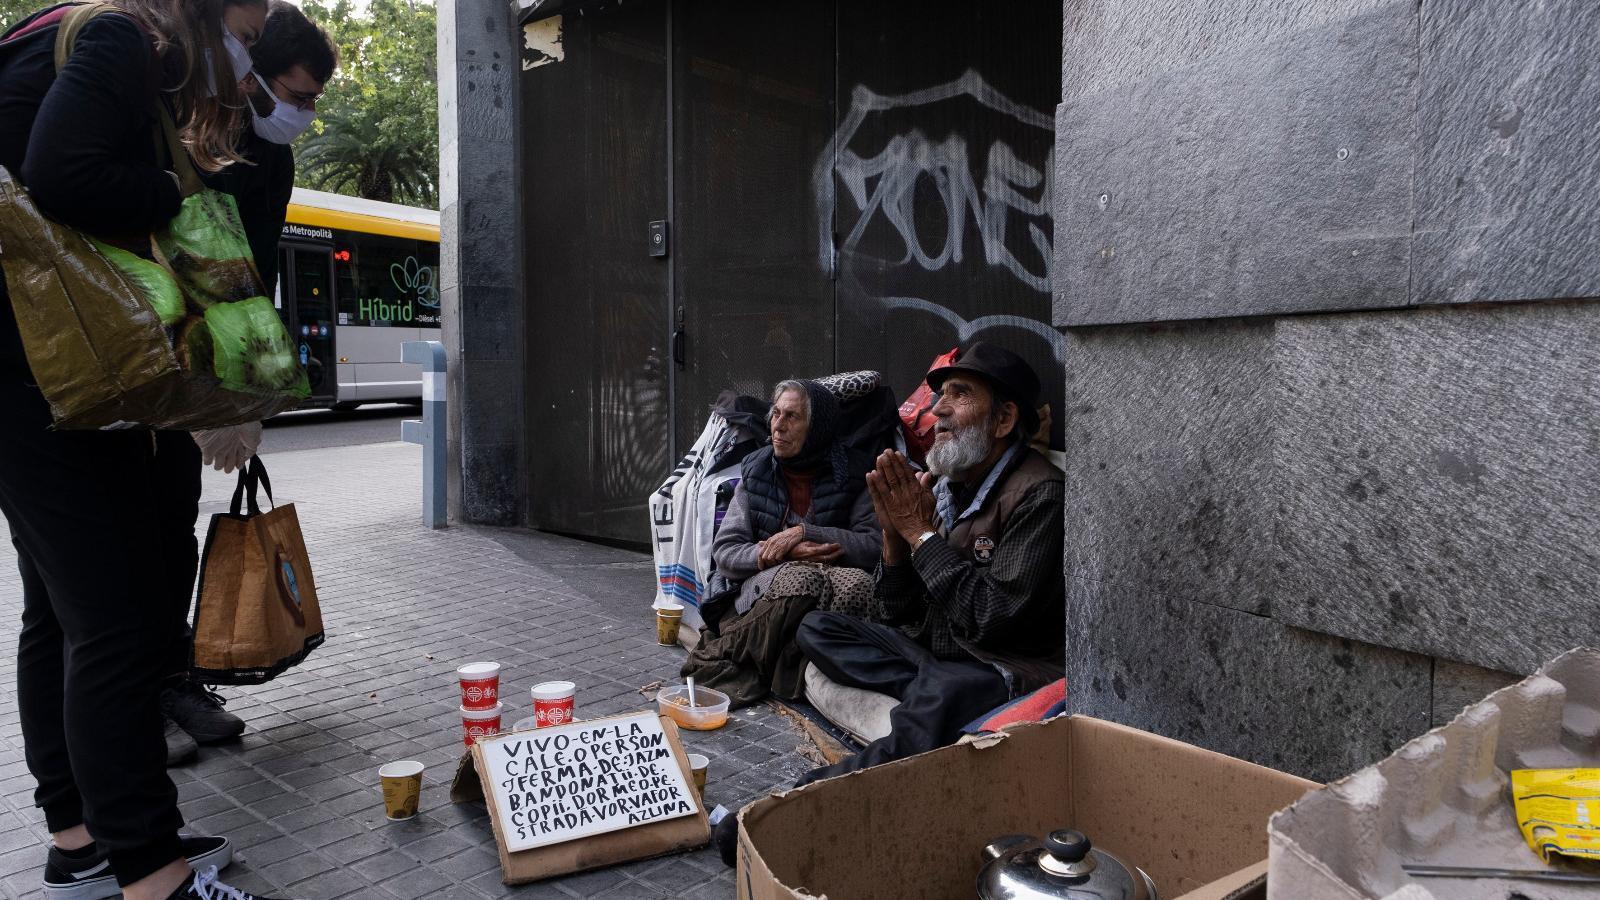 Menjar, roba i deu minuts de companyia per als 'confinats' al carrer